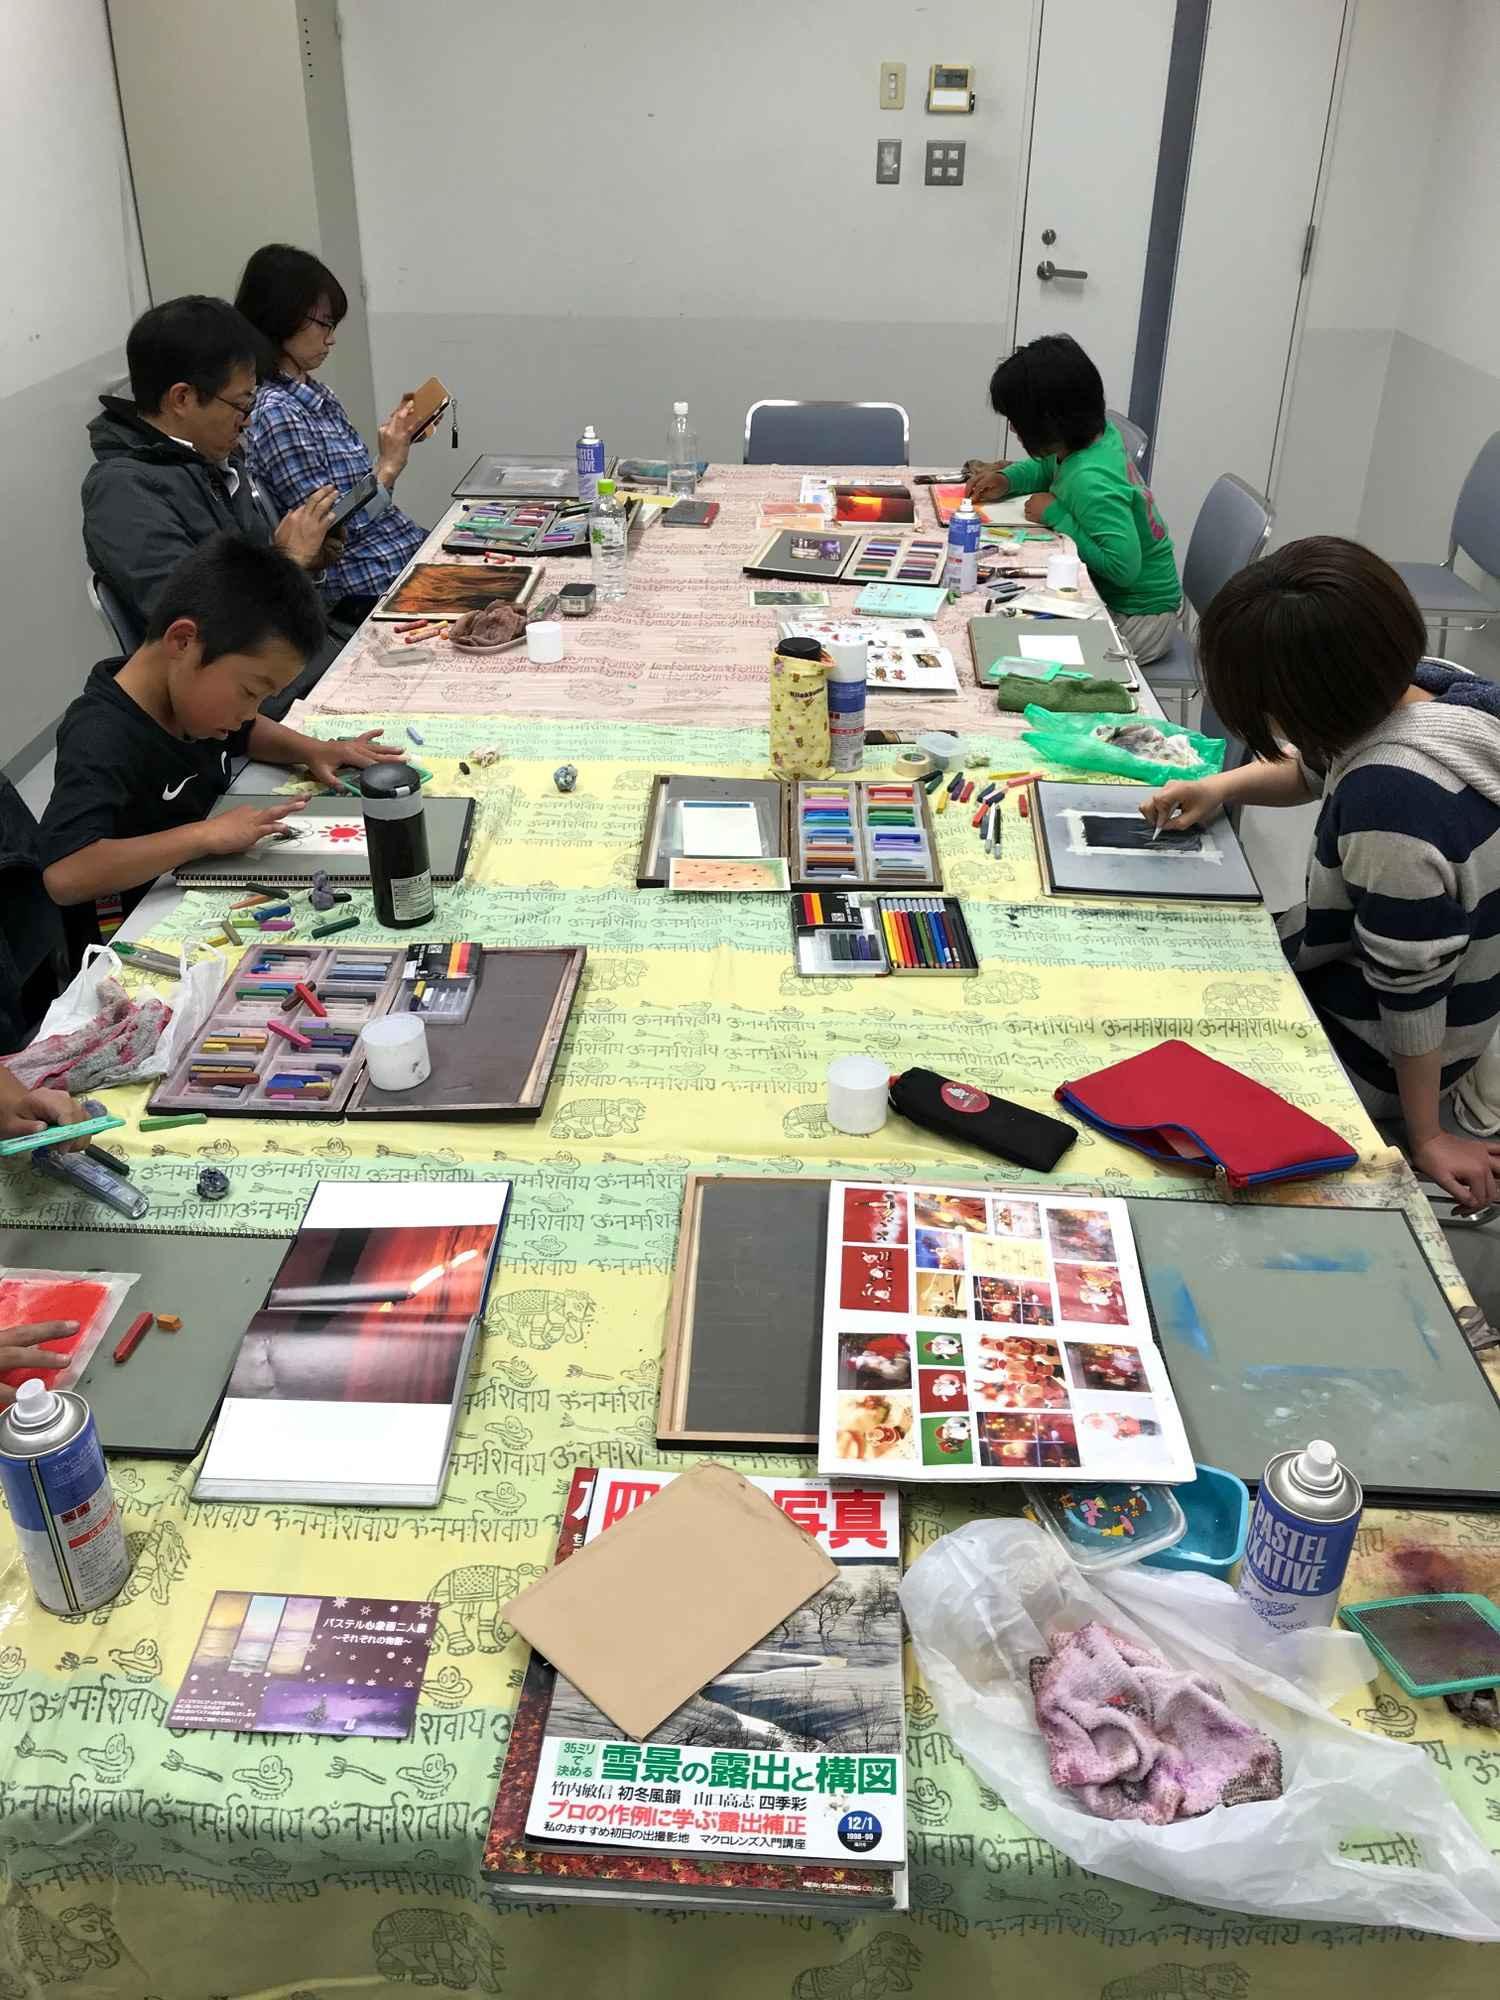 アートビレッジ39パステル絵画教室 防府教室